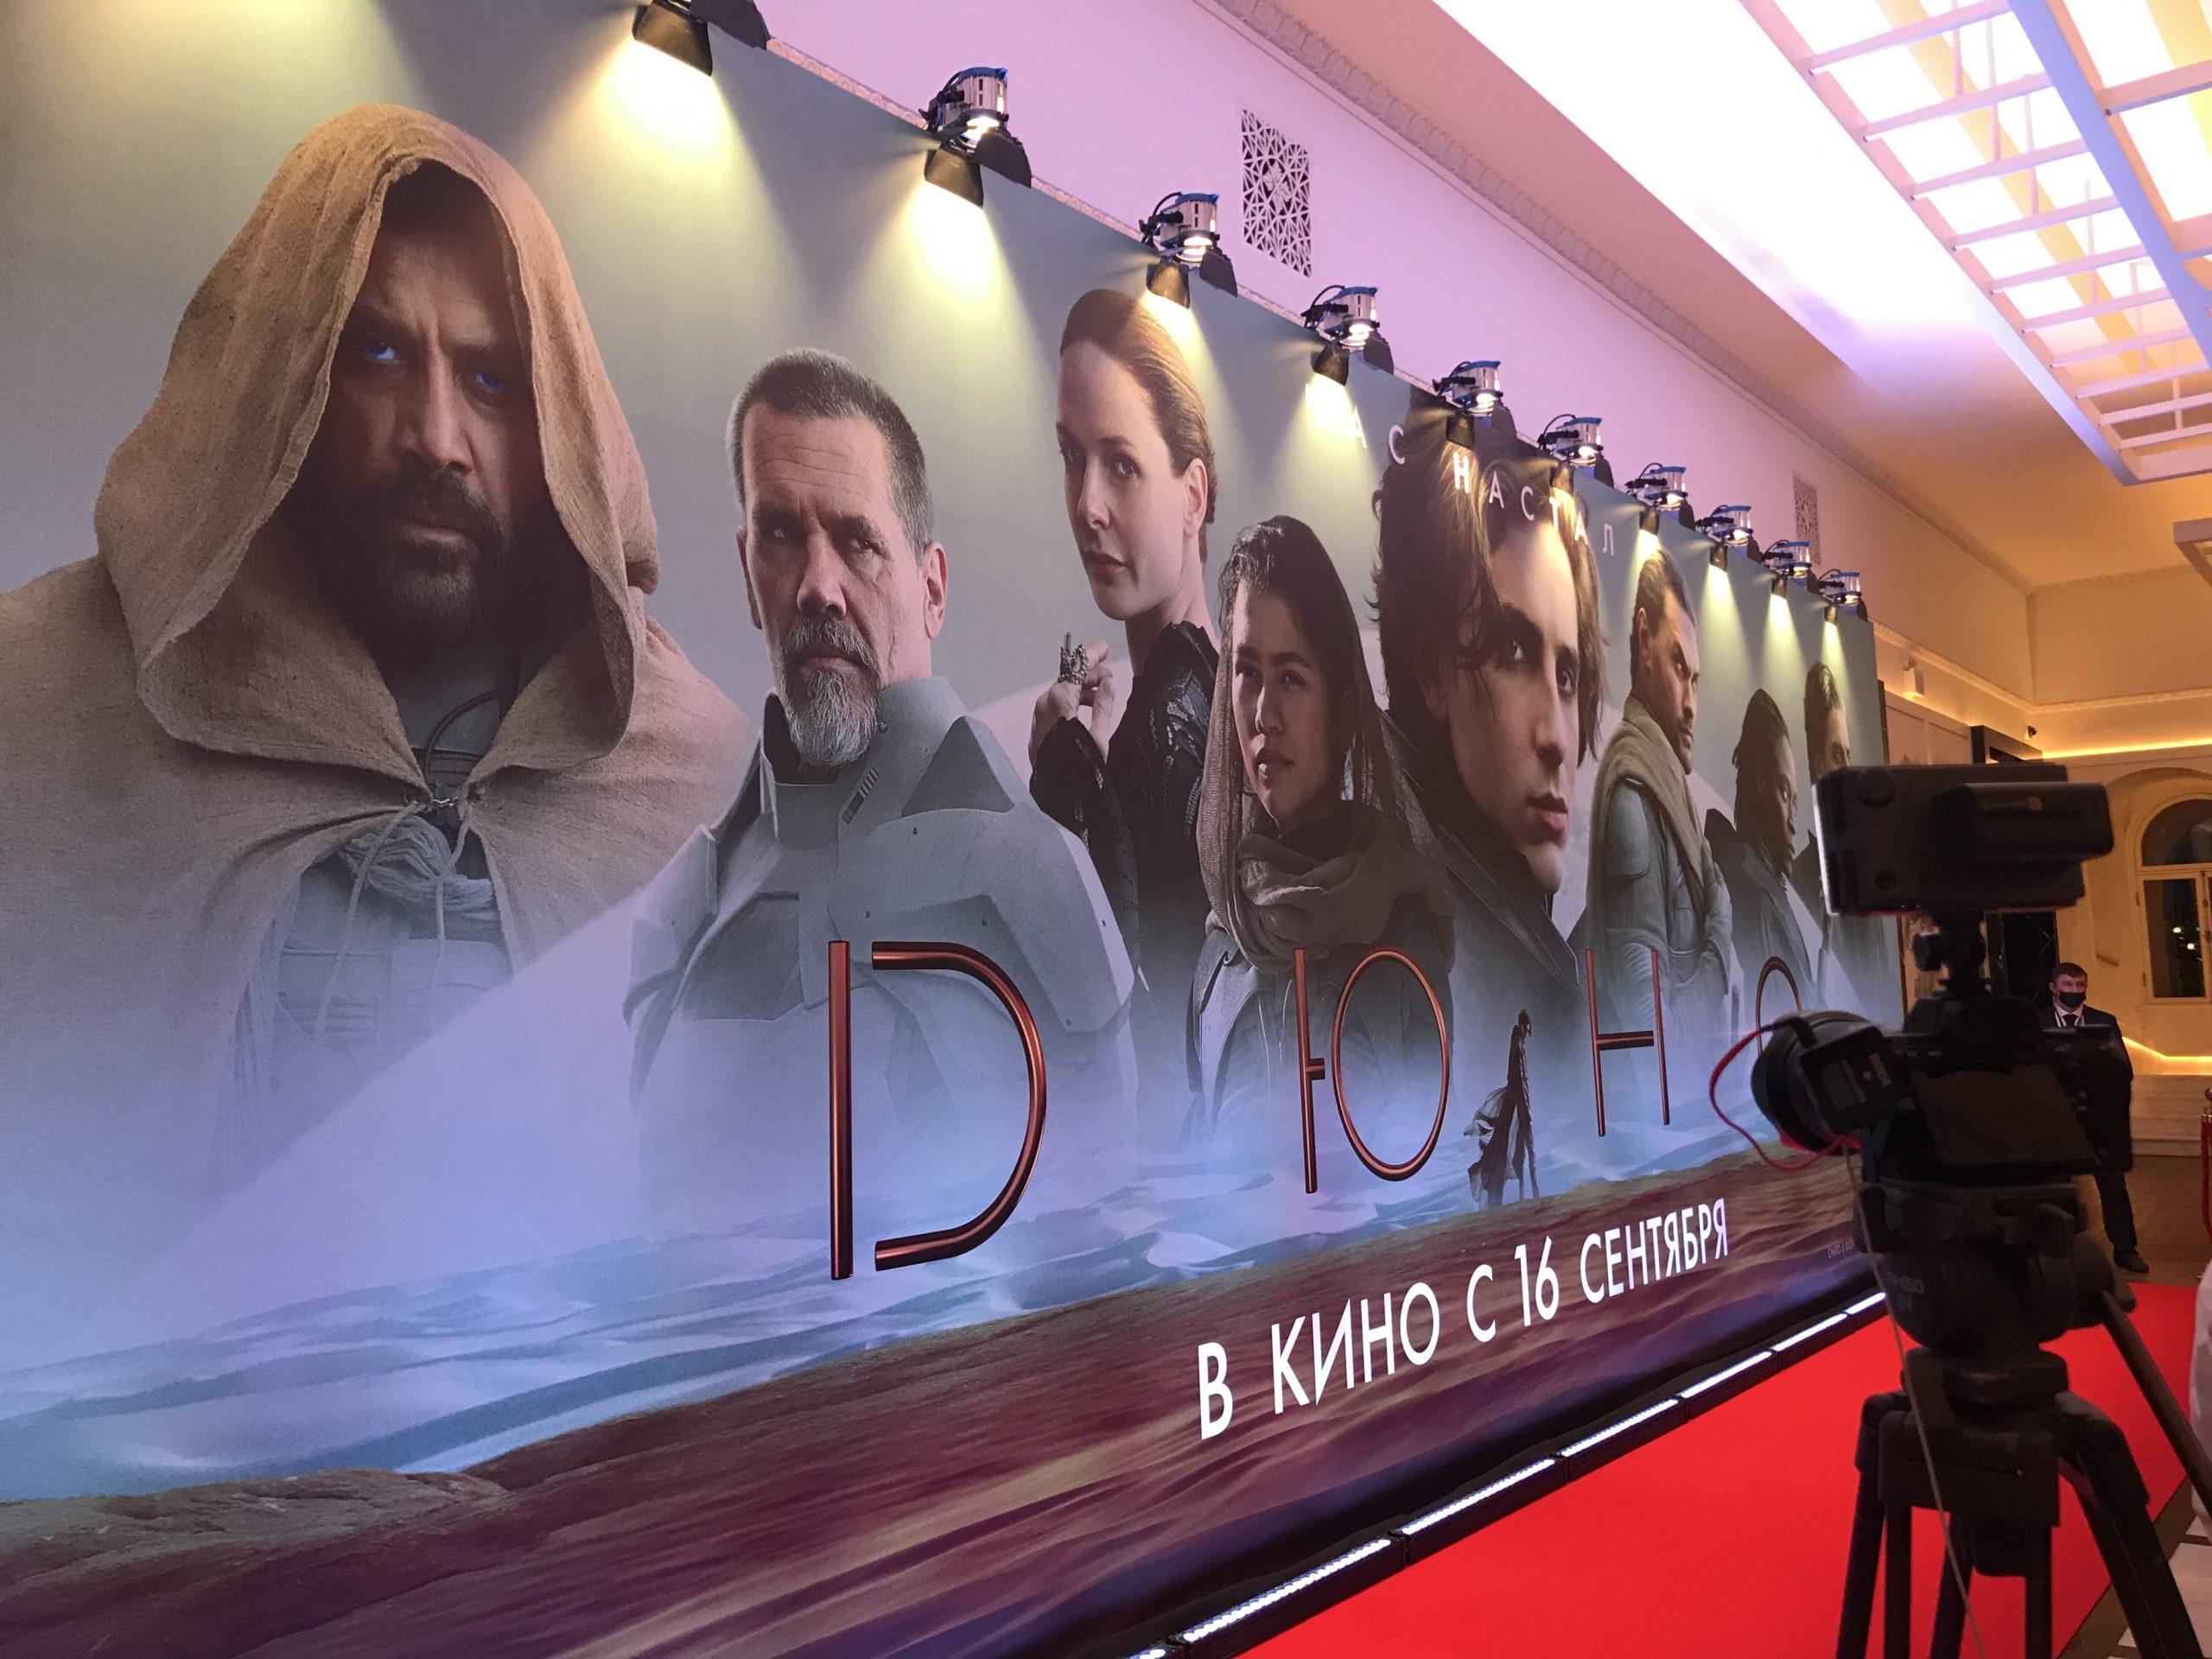 Зрелище планетарного масштаба: в Москве состоялась кинопремьера первой части фантастической саги «Дюна»